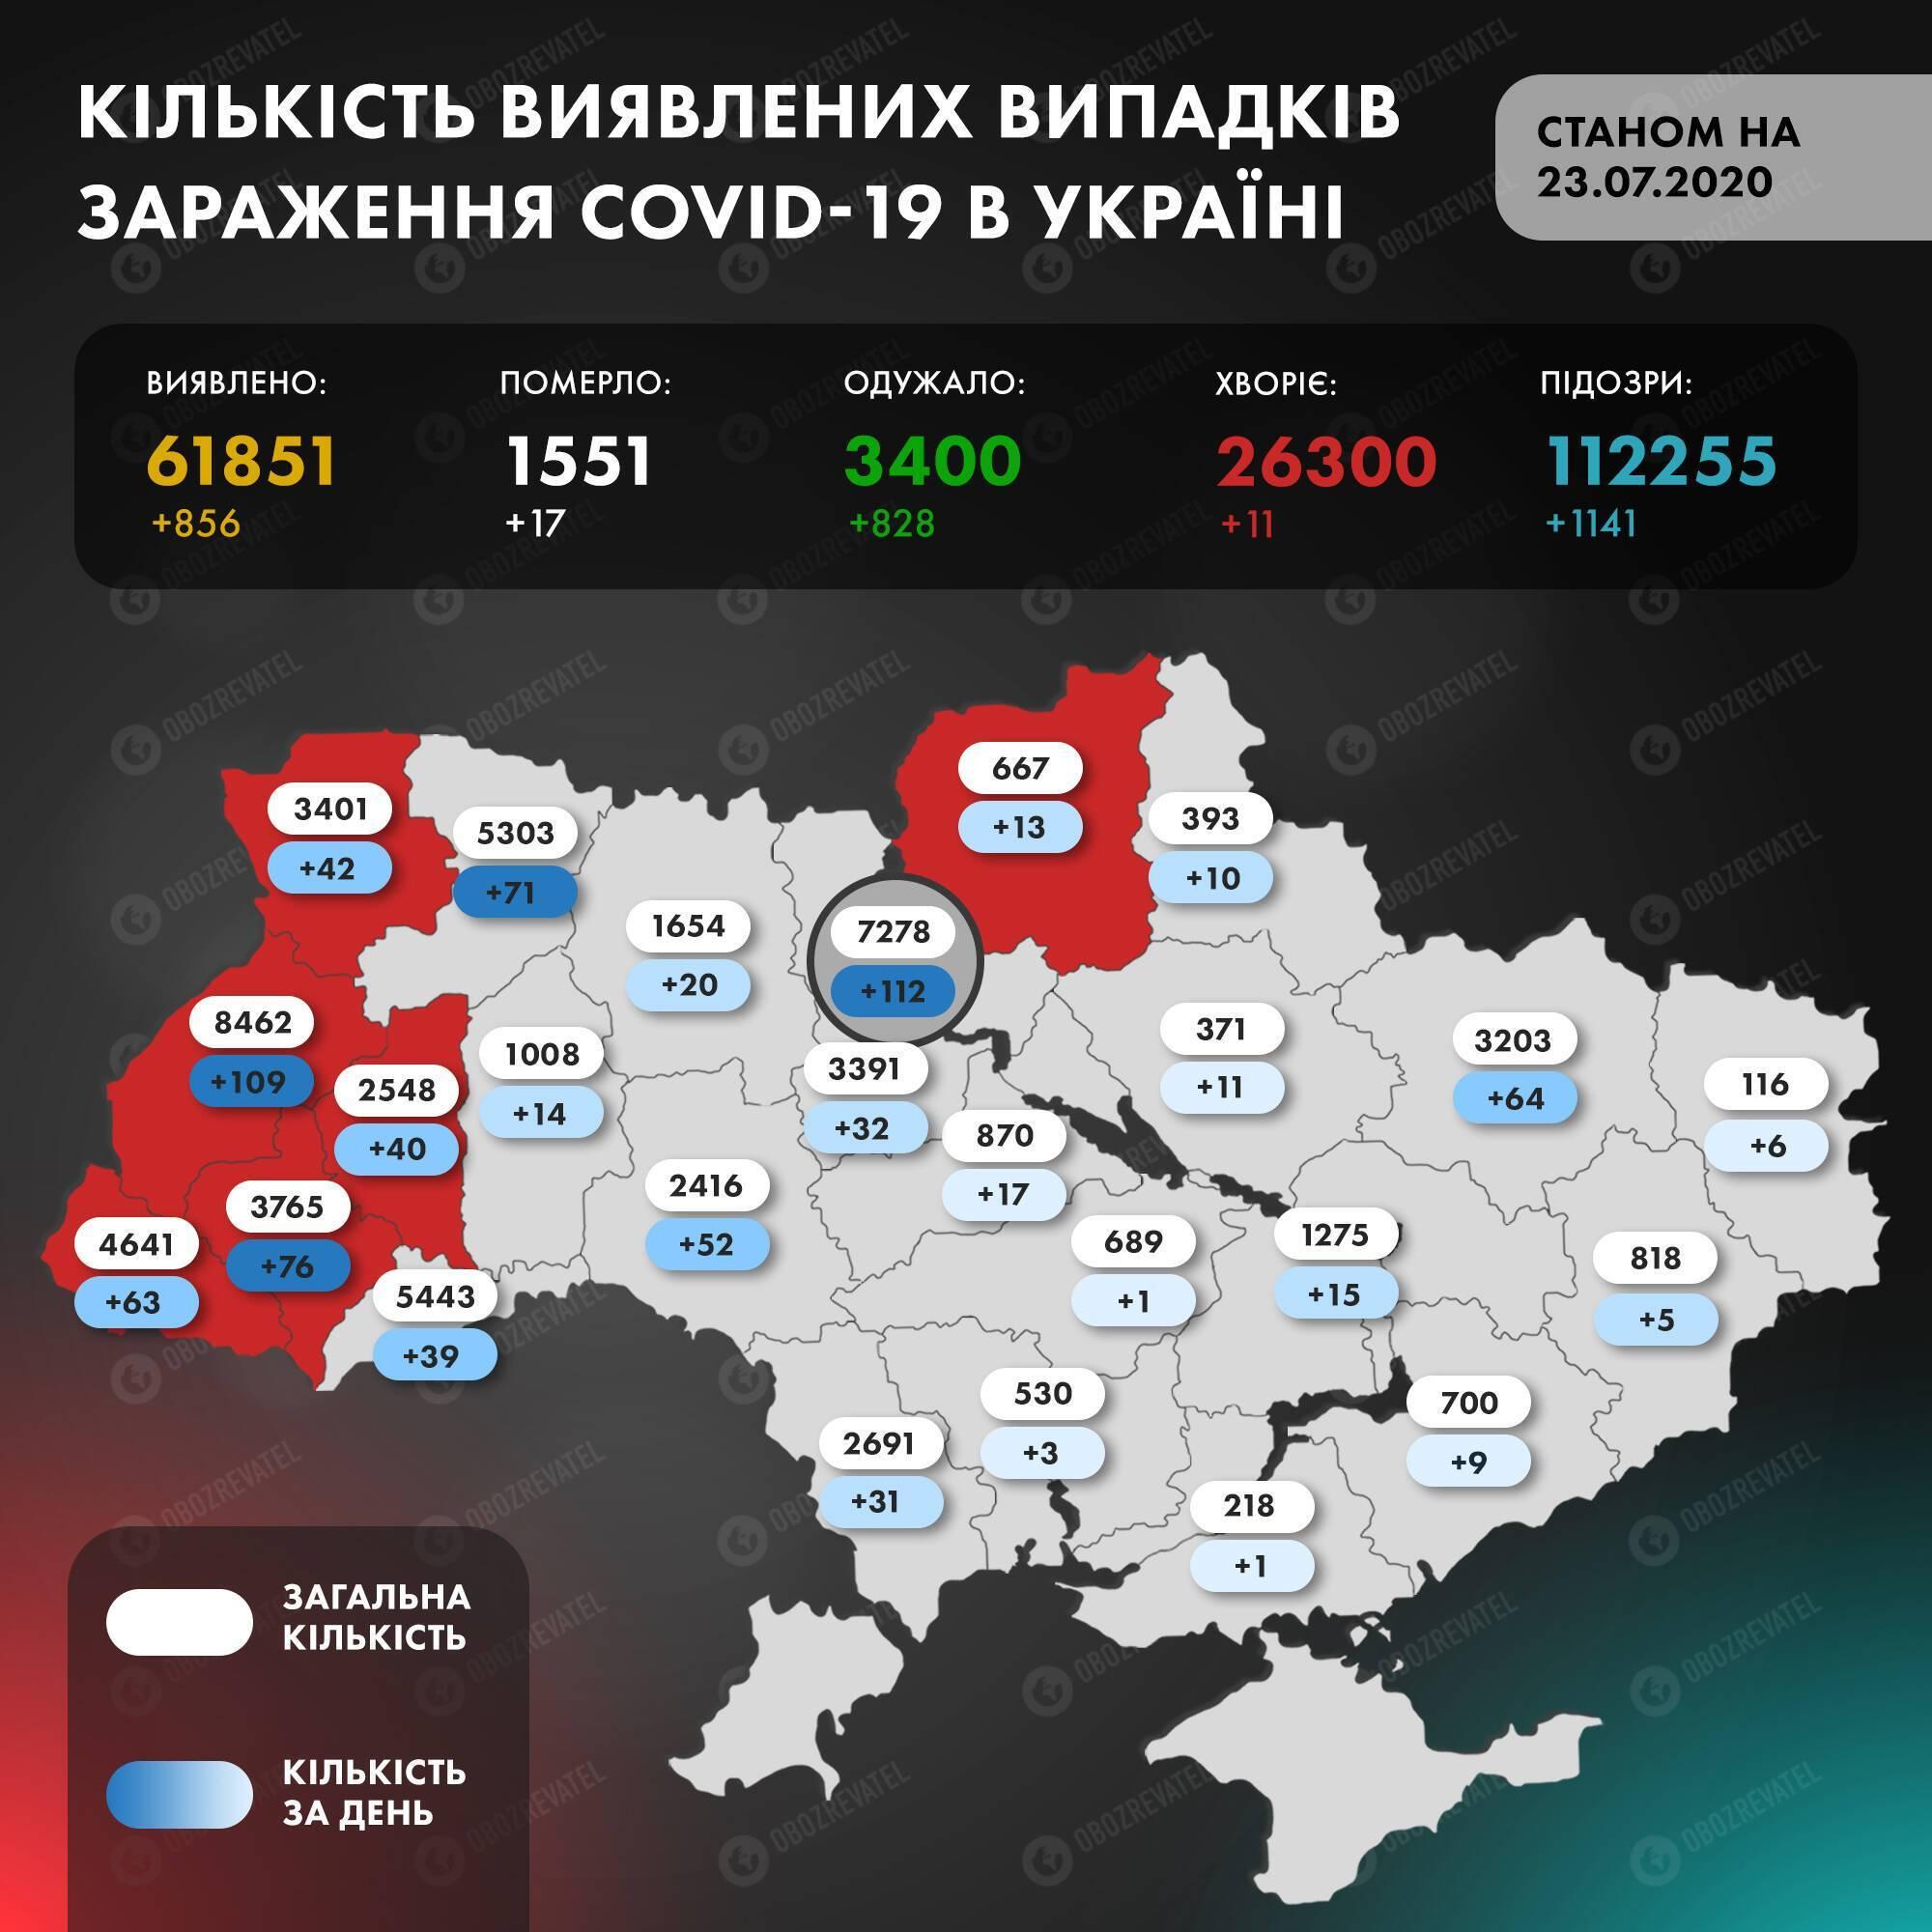 Количество выявленных случаев COVID-19 в Украине